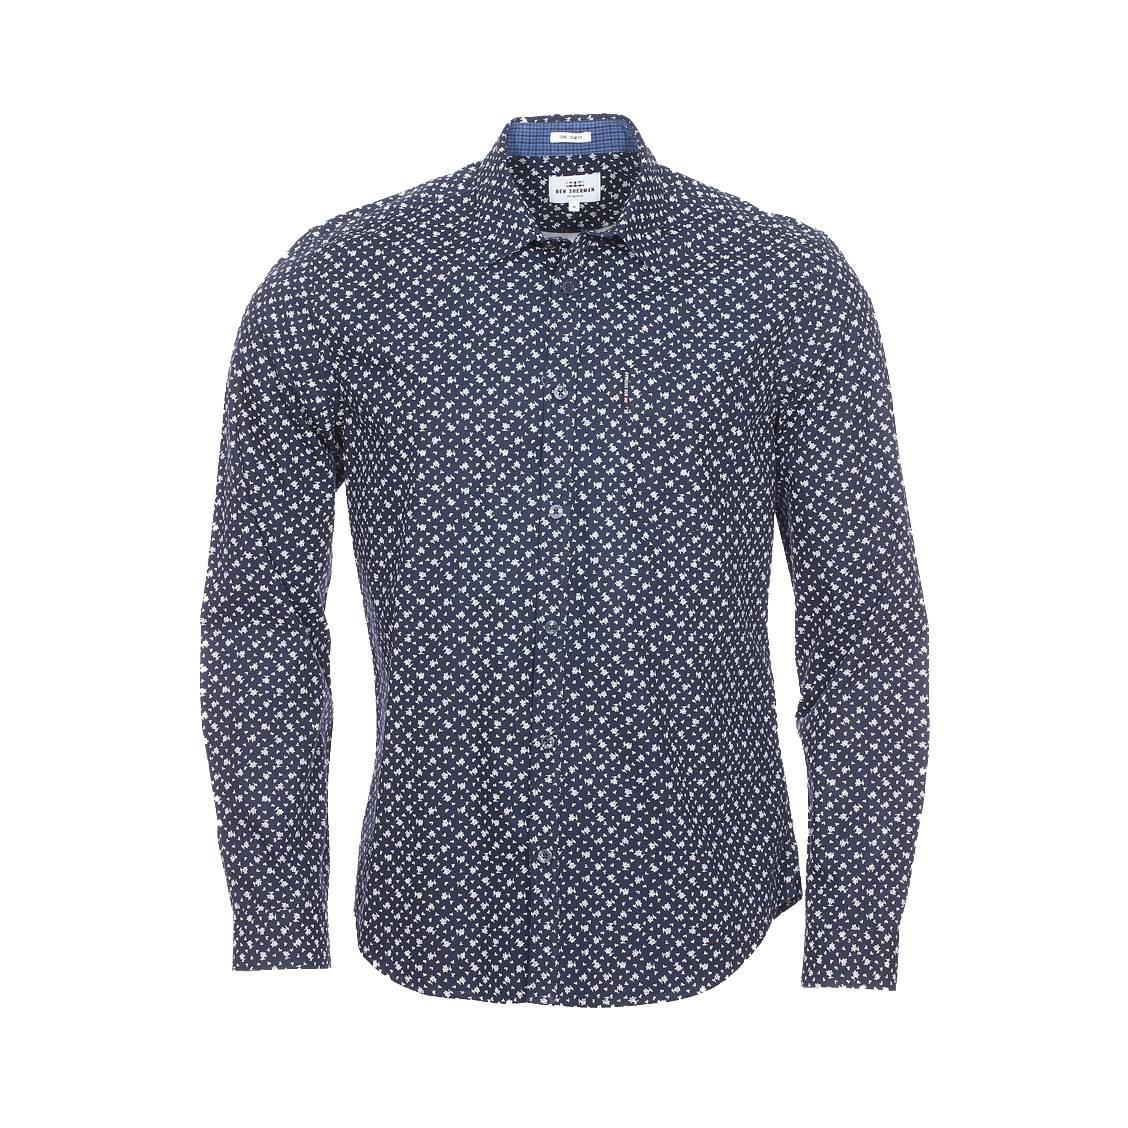 Chemise cintrée  en coton bleu marine à motif floral